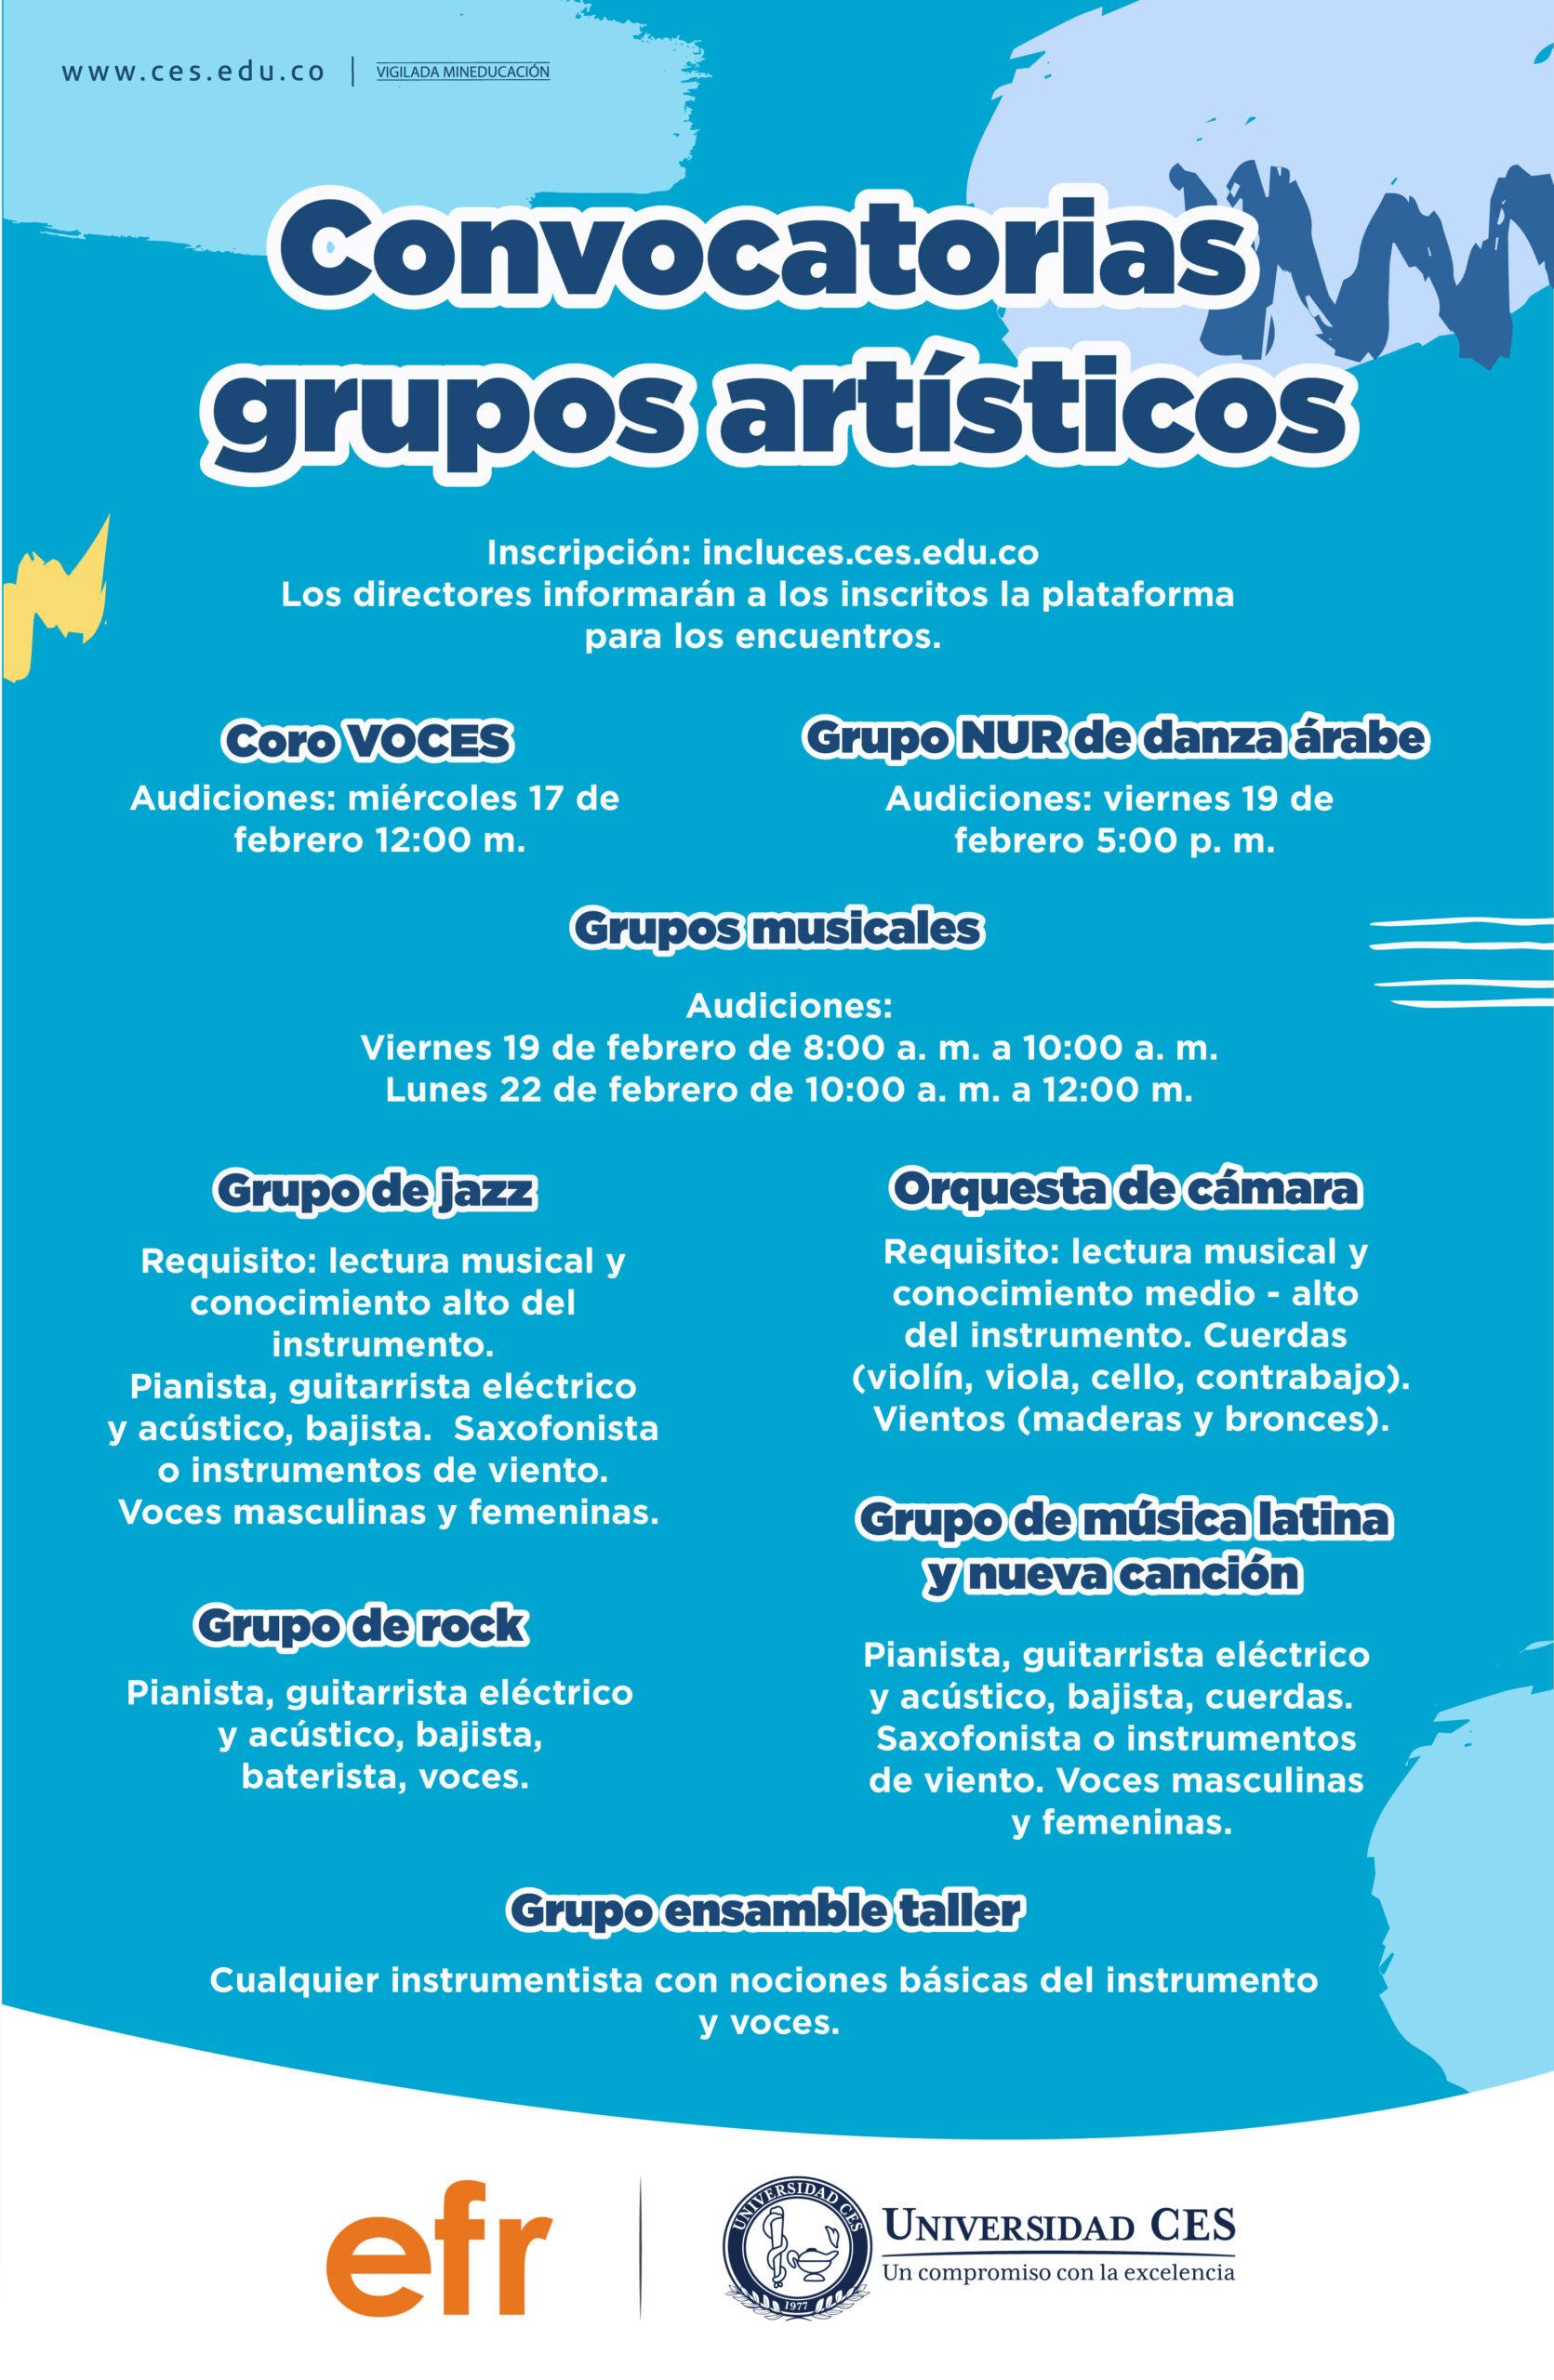 Convocatoria grupos artísticos Universidad CES